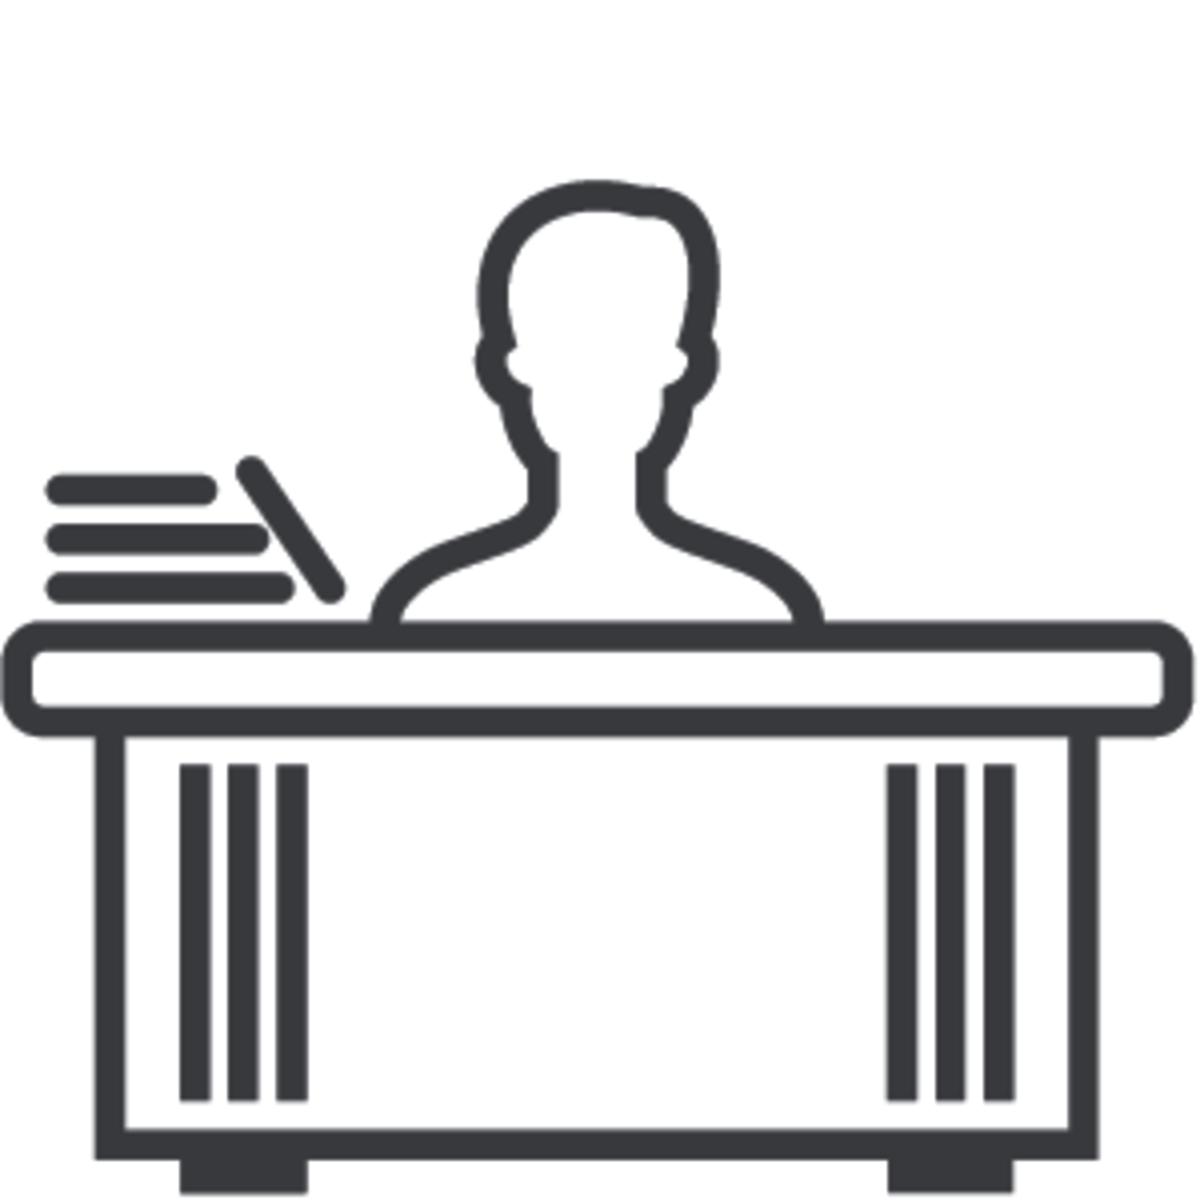 LT Lawtank - Beglaubigte Übersetzung - Amtsstelle/Zielbehörde